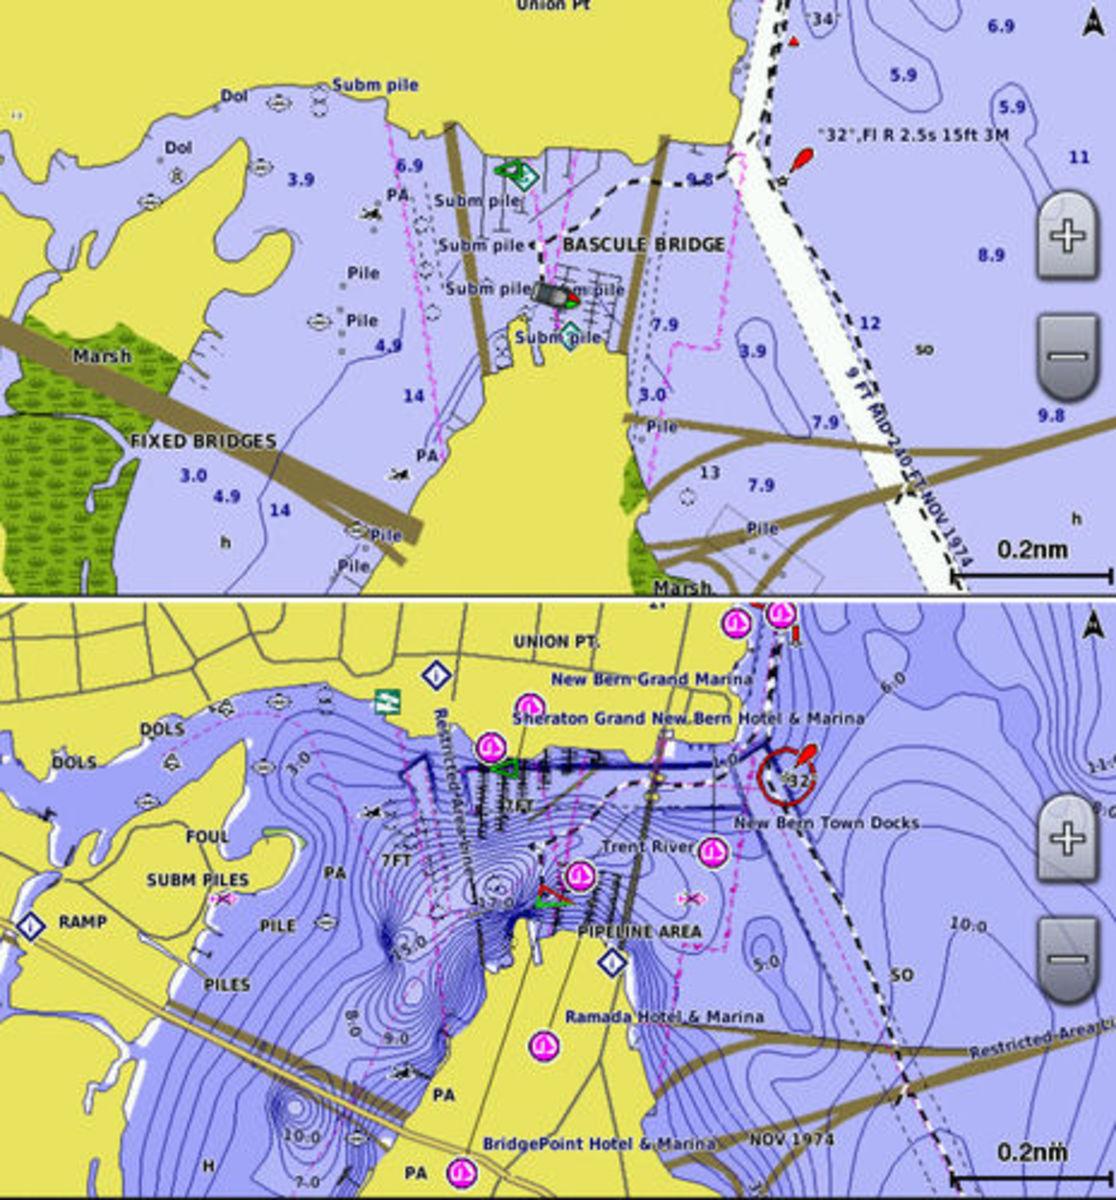 Garmin_vs_Navionics_SonarChart_New_Bern_cPanbo.jpg